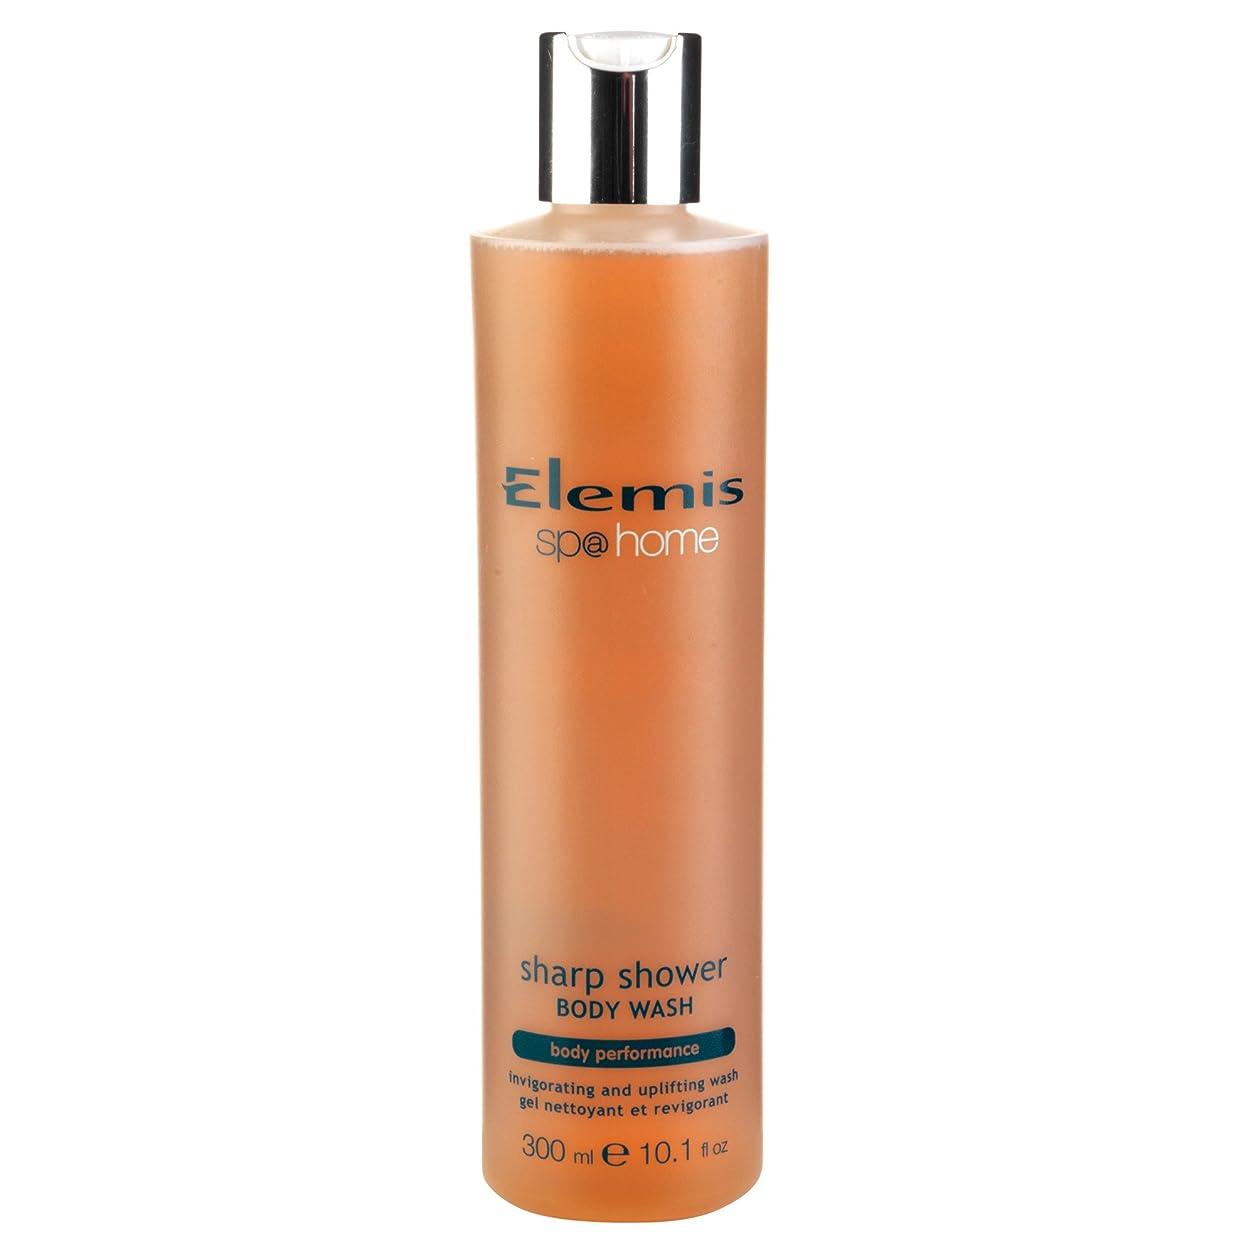 思いやり教育学誘惑エレミスシャープシャワーボディウォッシュ300ミリリットル (Elemis) (x6) - Elemis Sharp Shower Body Wash 300ml (Pack of 6) [並行輸入品]